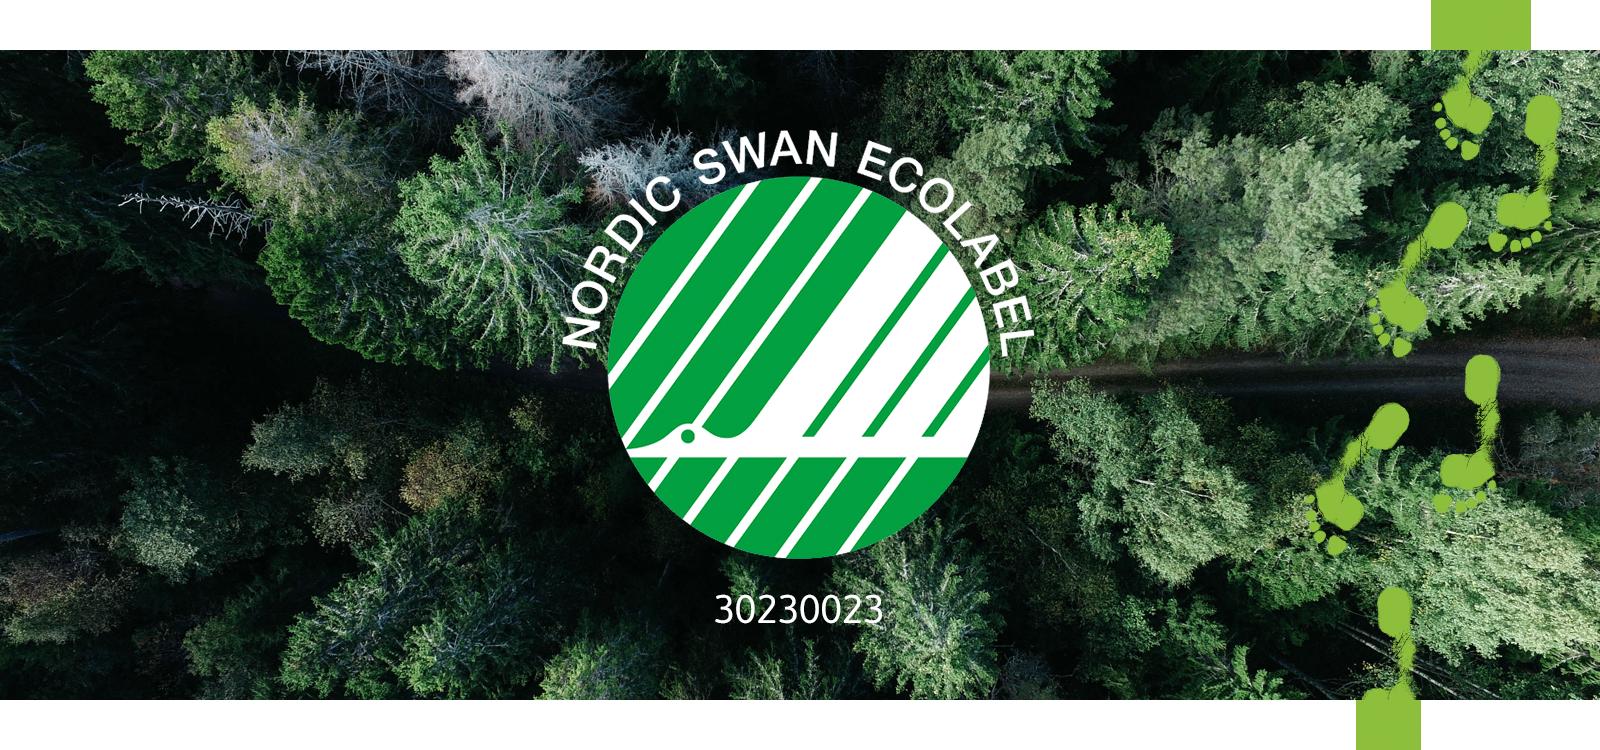 En nåletræsskov med en sti, der løber igennem, set i fugleperspektiv. Oven på billeder ses det grønne og hvide Svanemærke logo, der forestiller en flyvende svane.